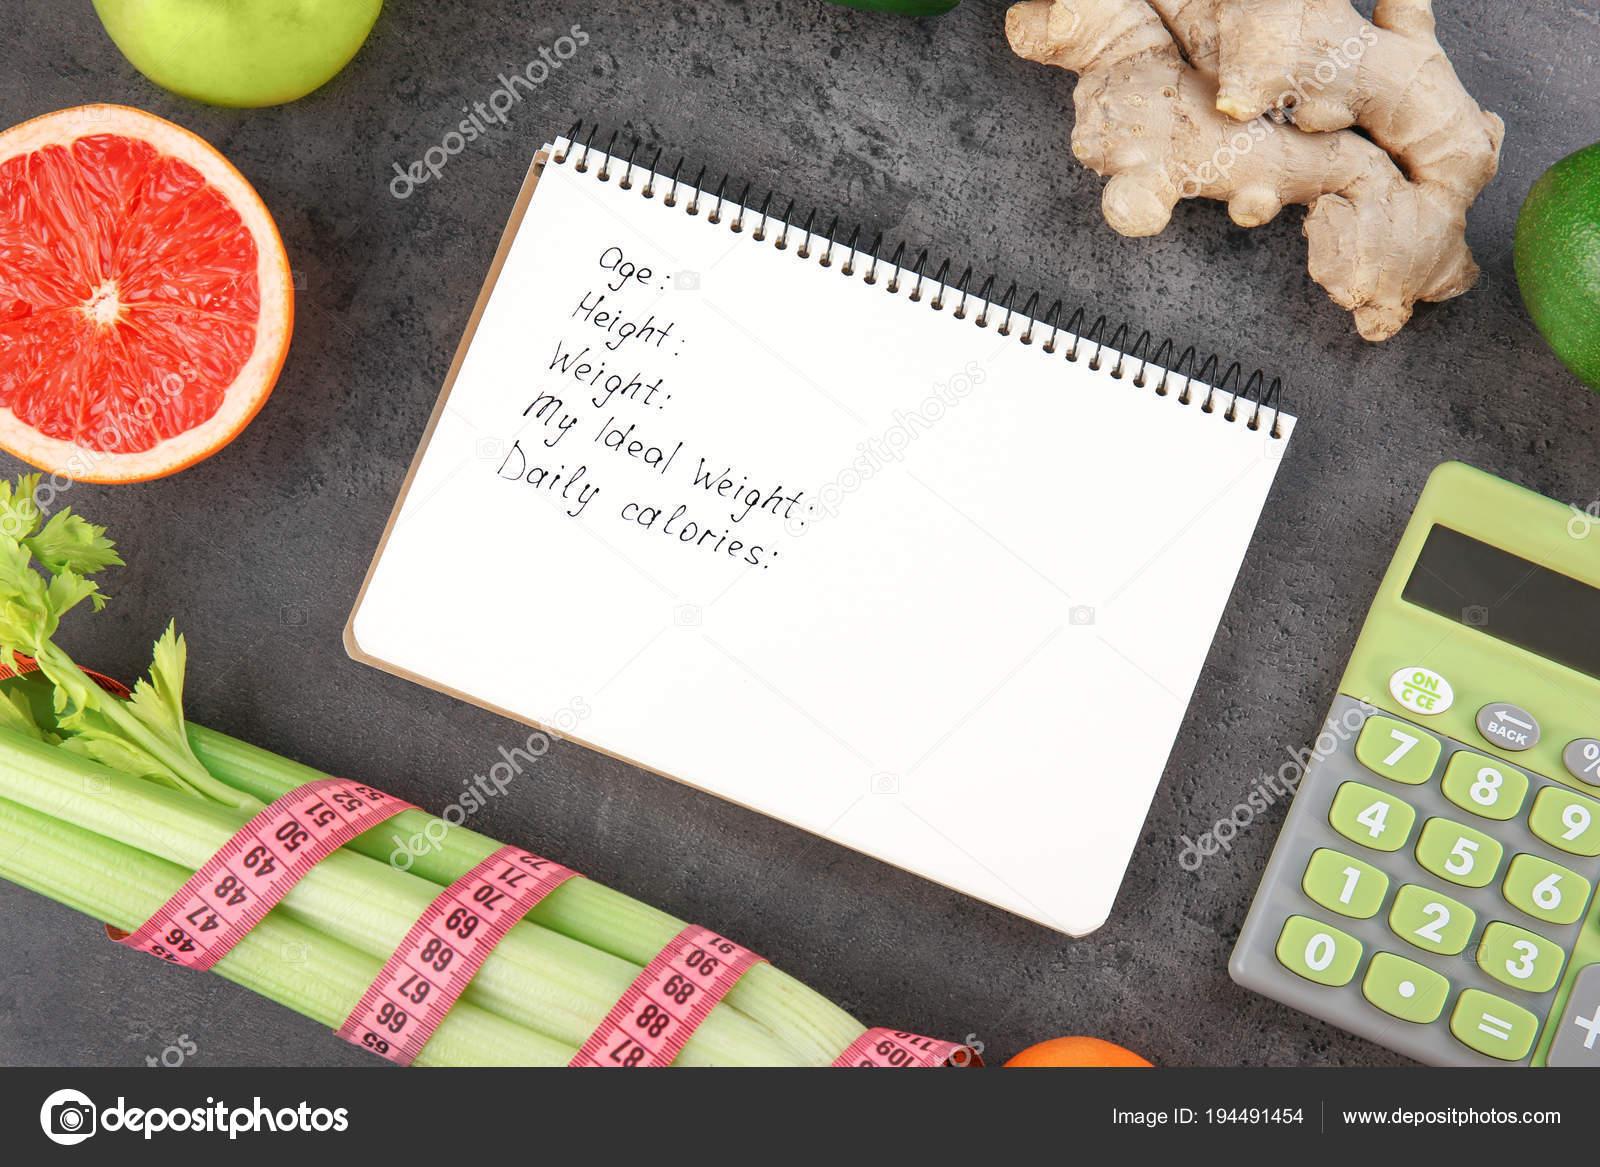 notebook calculator and groceries stock photo belchonock 194491454